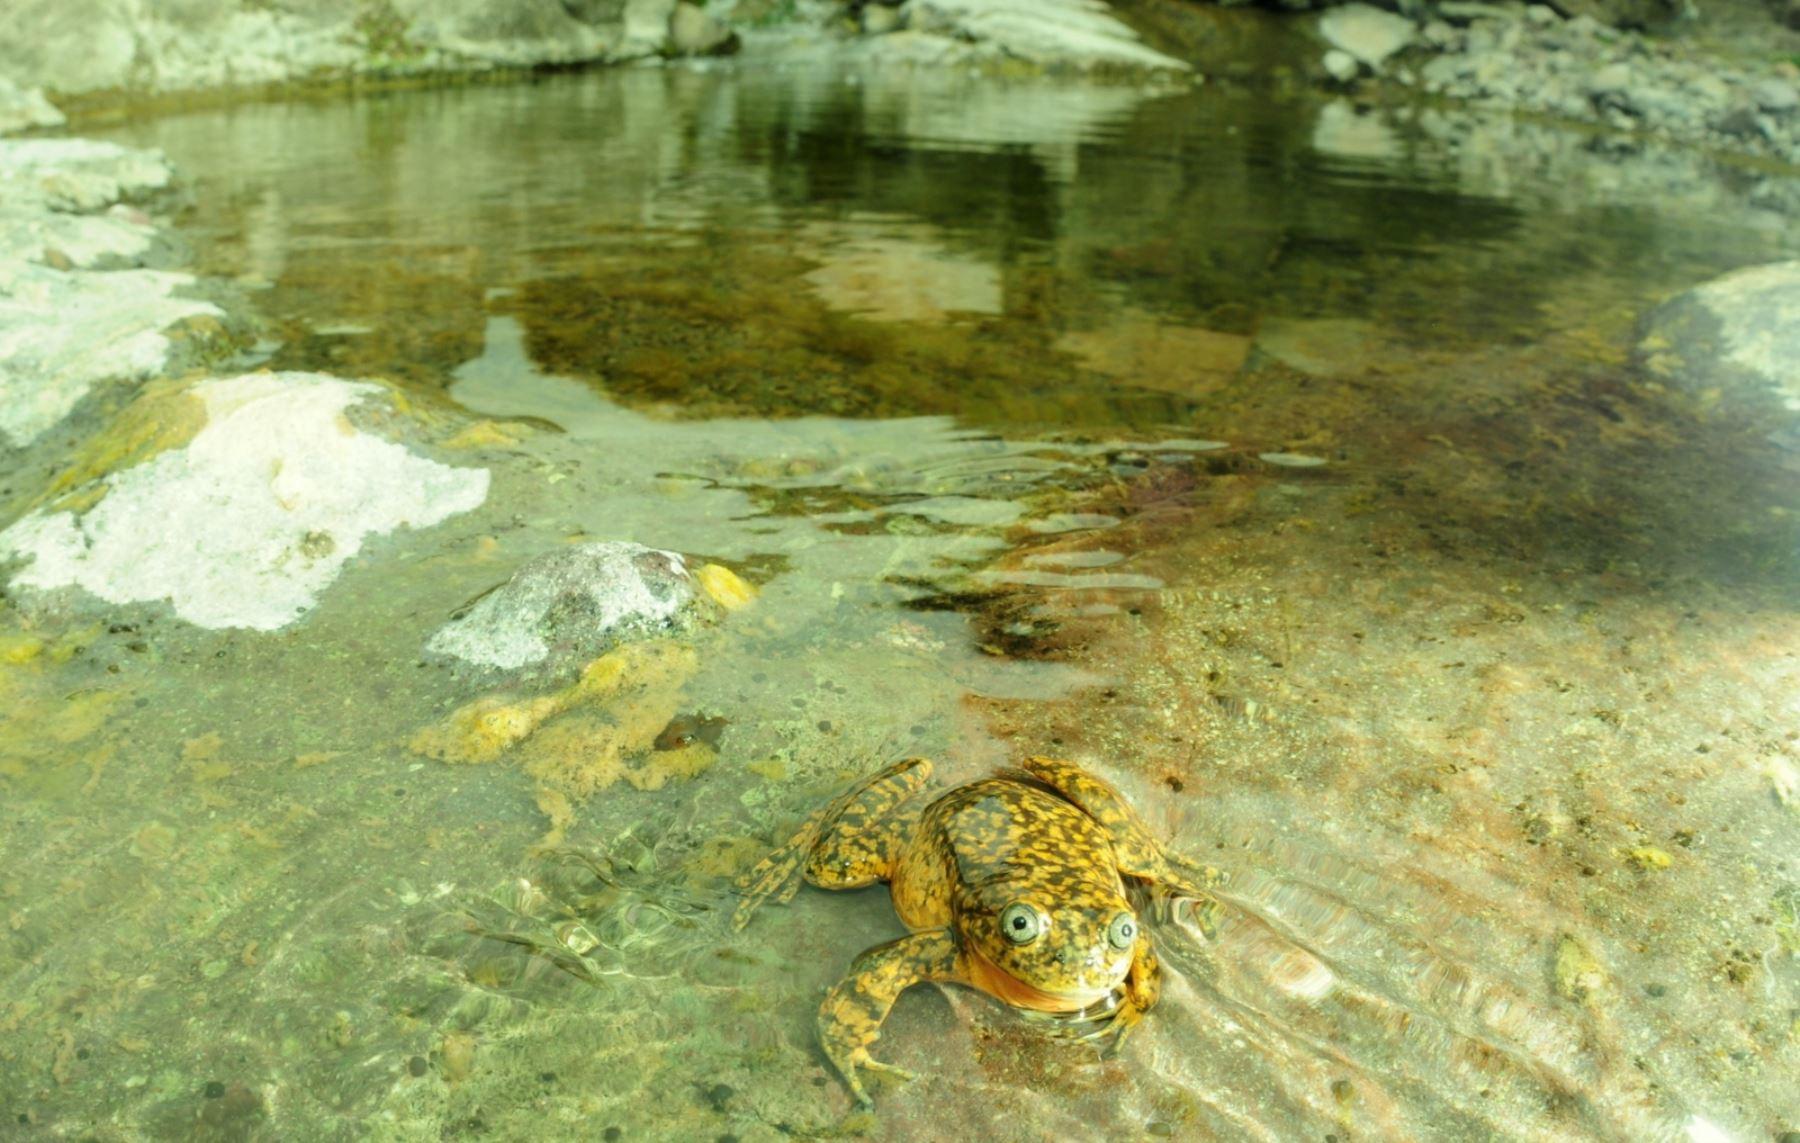 Nueva especie de rana fue descubierta en afluente del río Pisco, en Huaytará, Huancavelica.